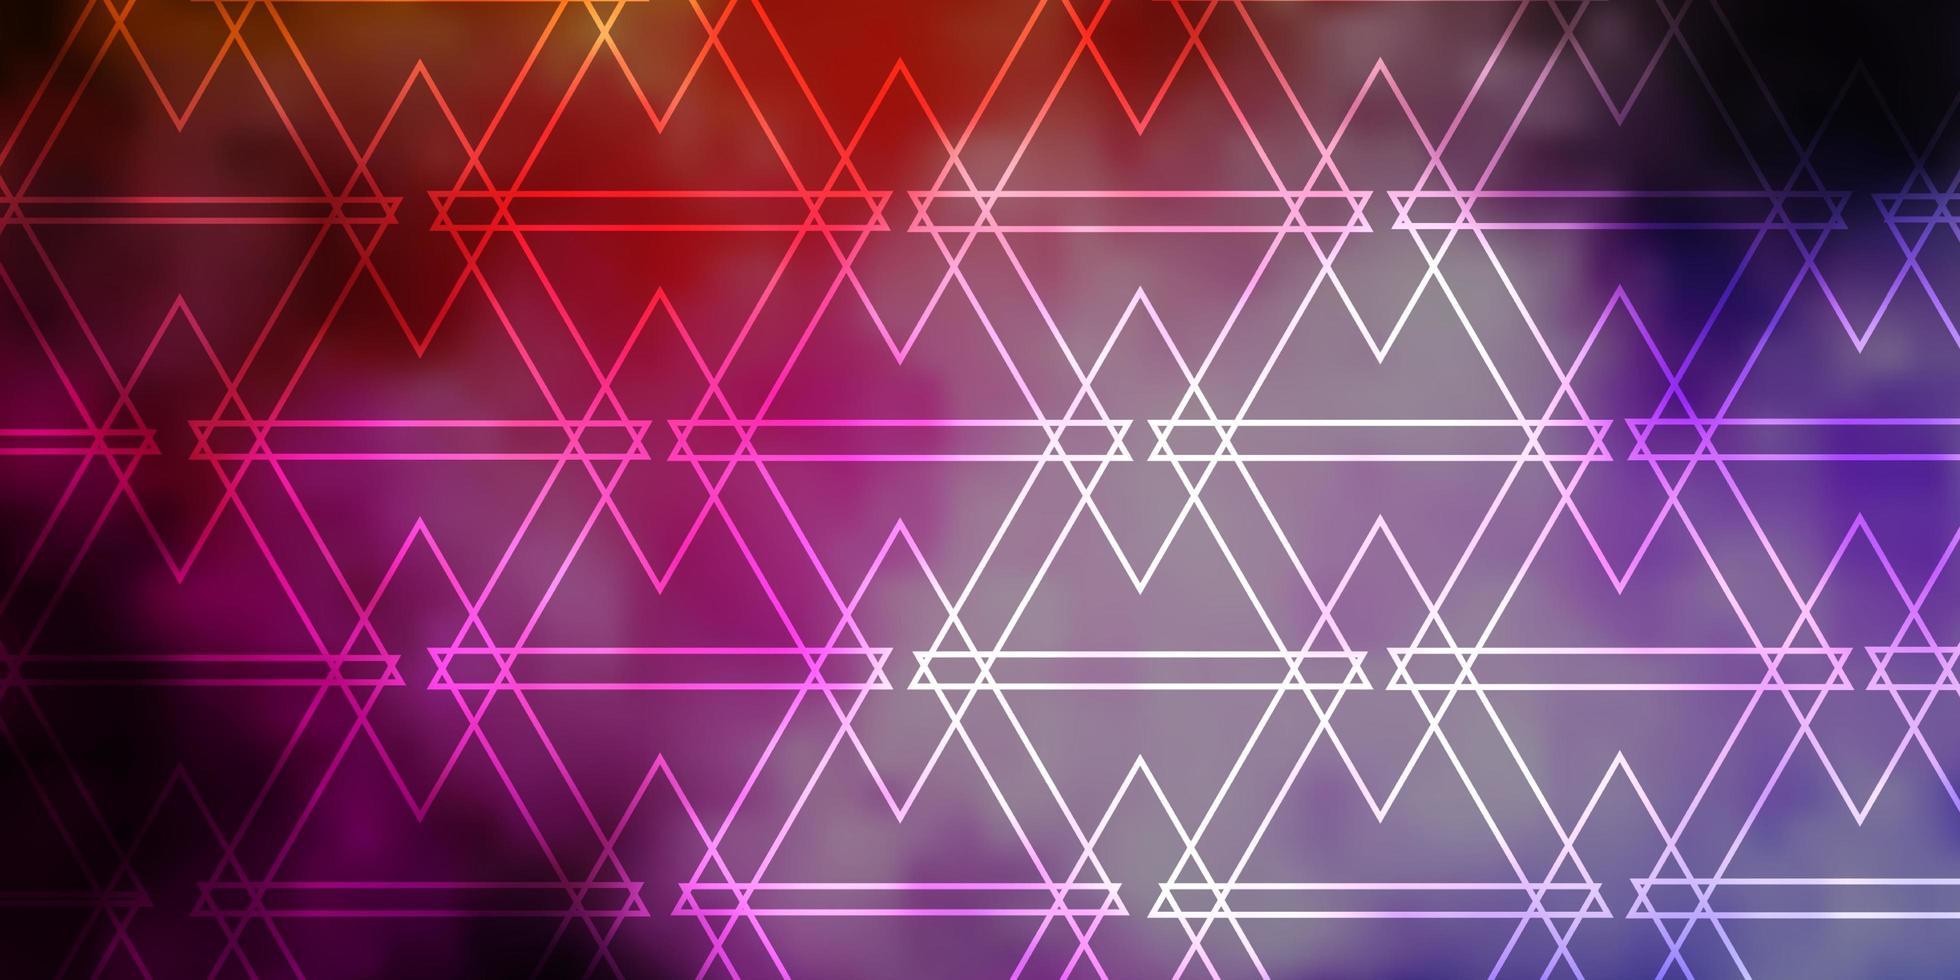 sfondo vettoriale rosa scuro, giallo con linee, triangoli.